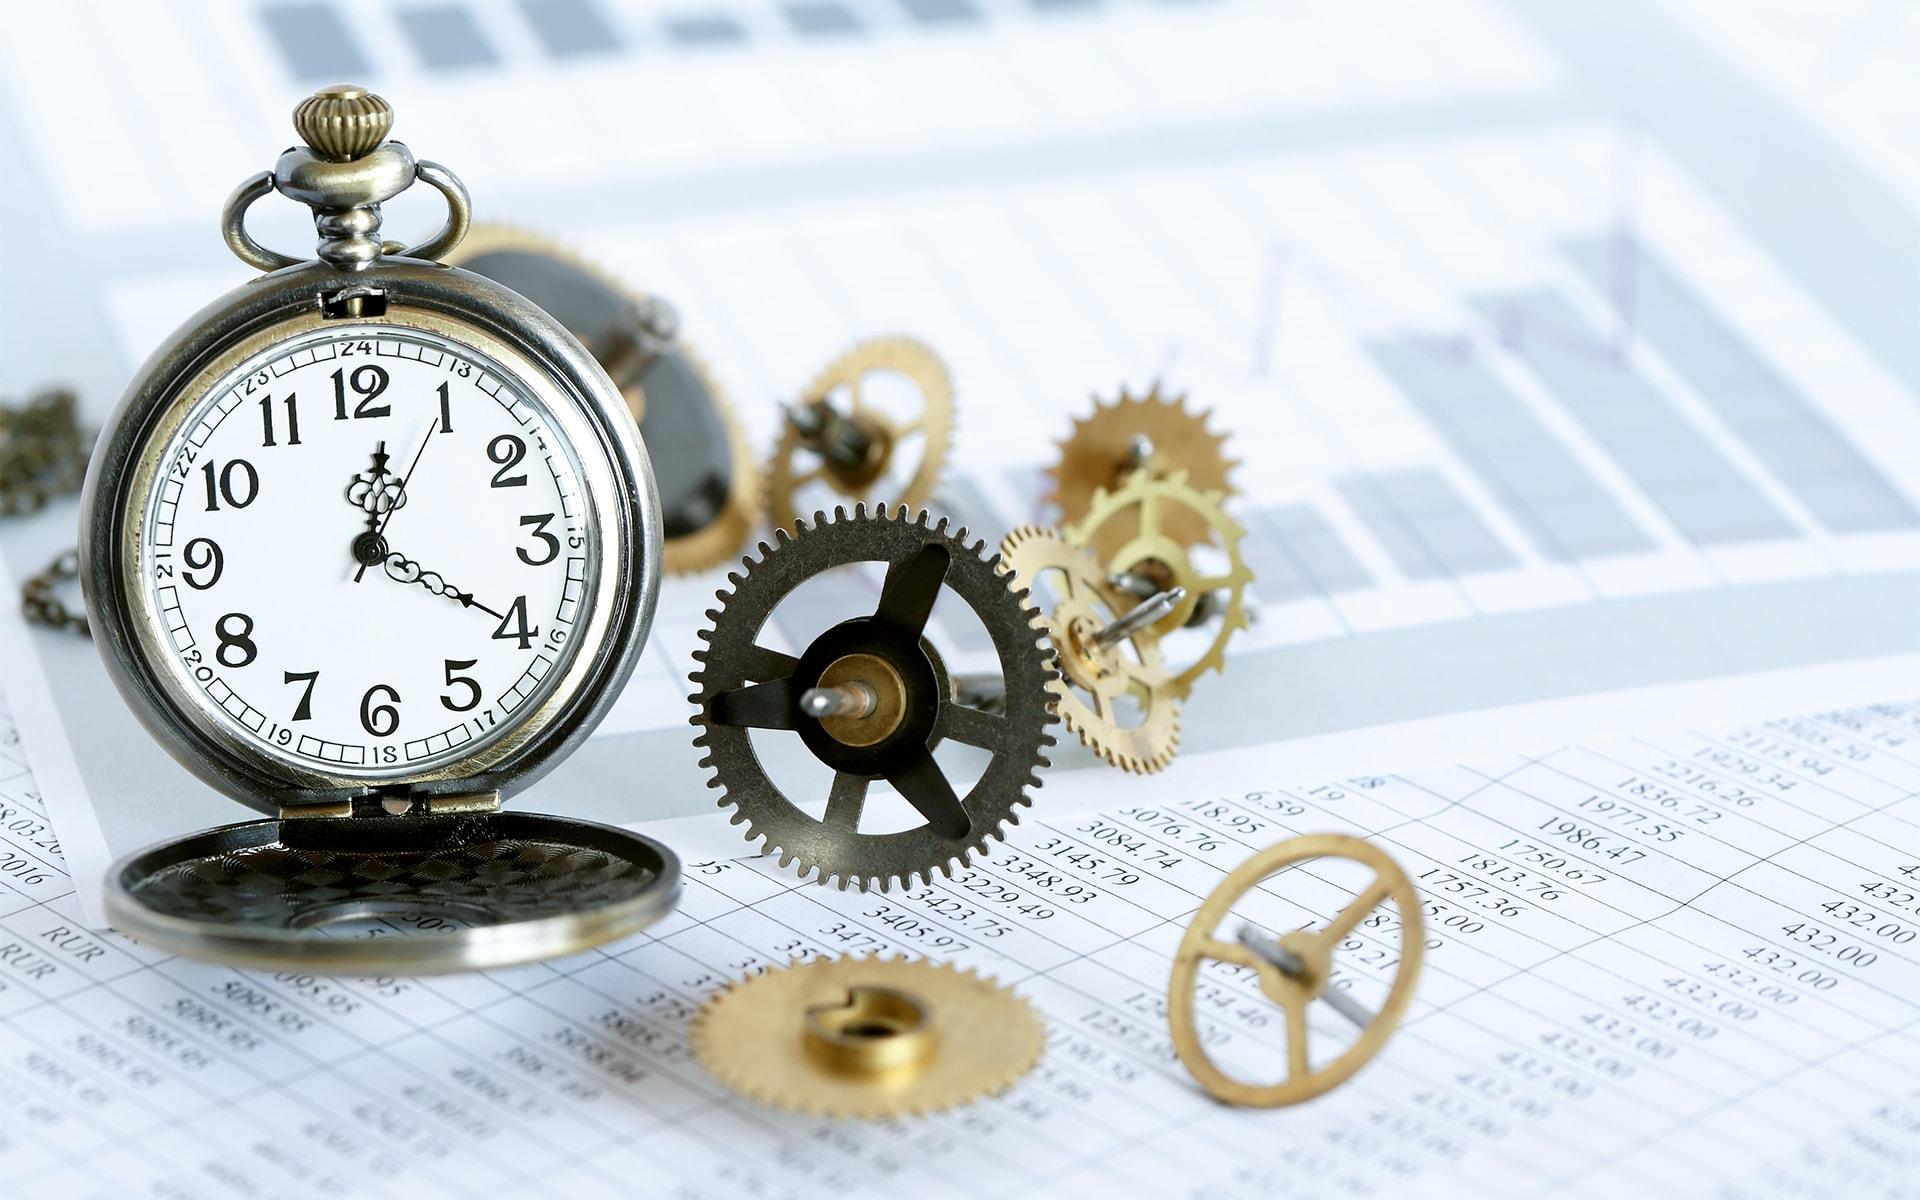 Il est temps de gérer les workflows - montre posée sur la feuille de calcul